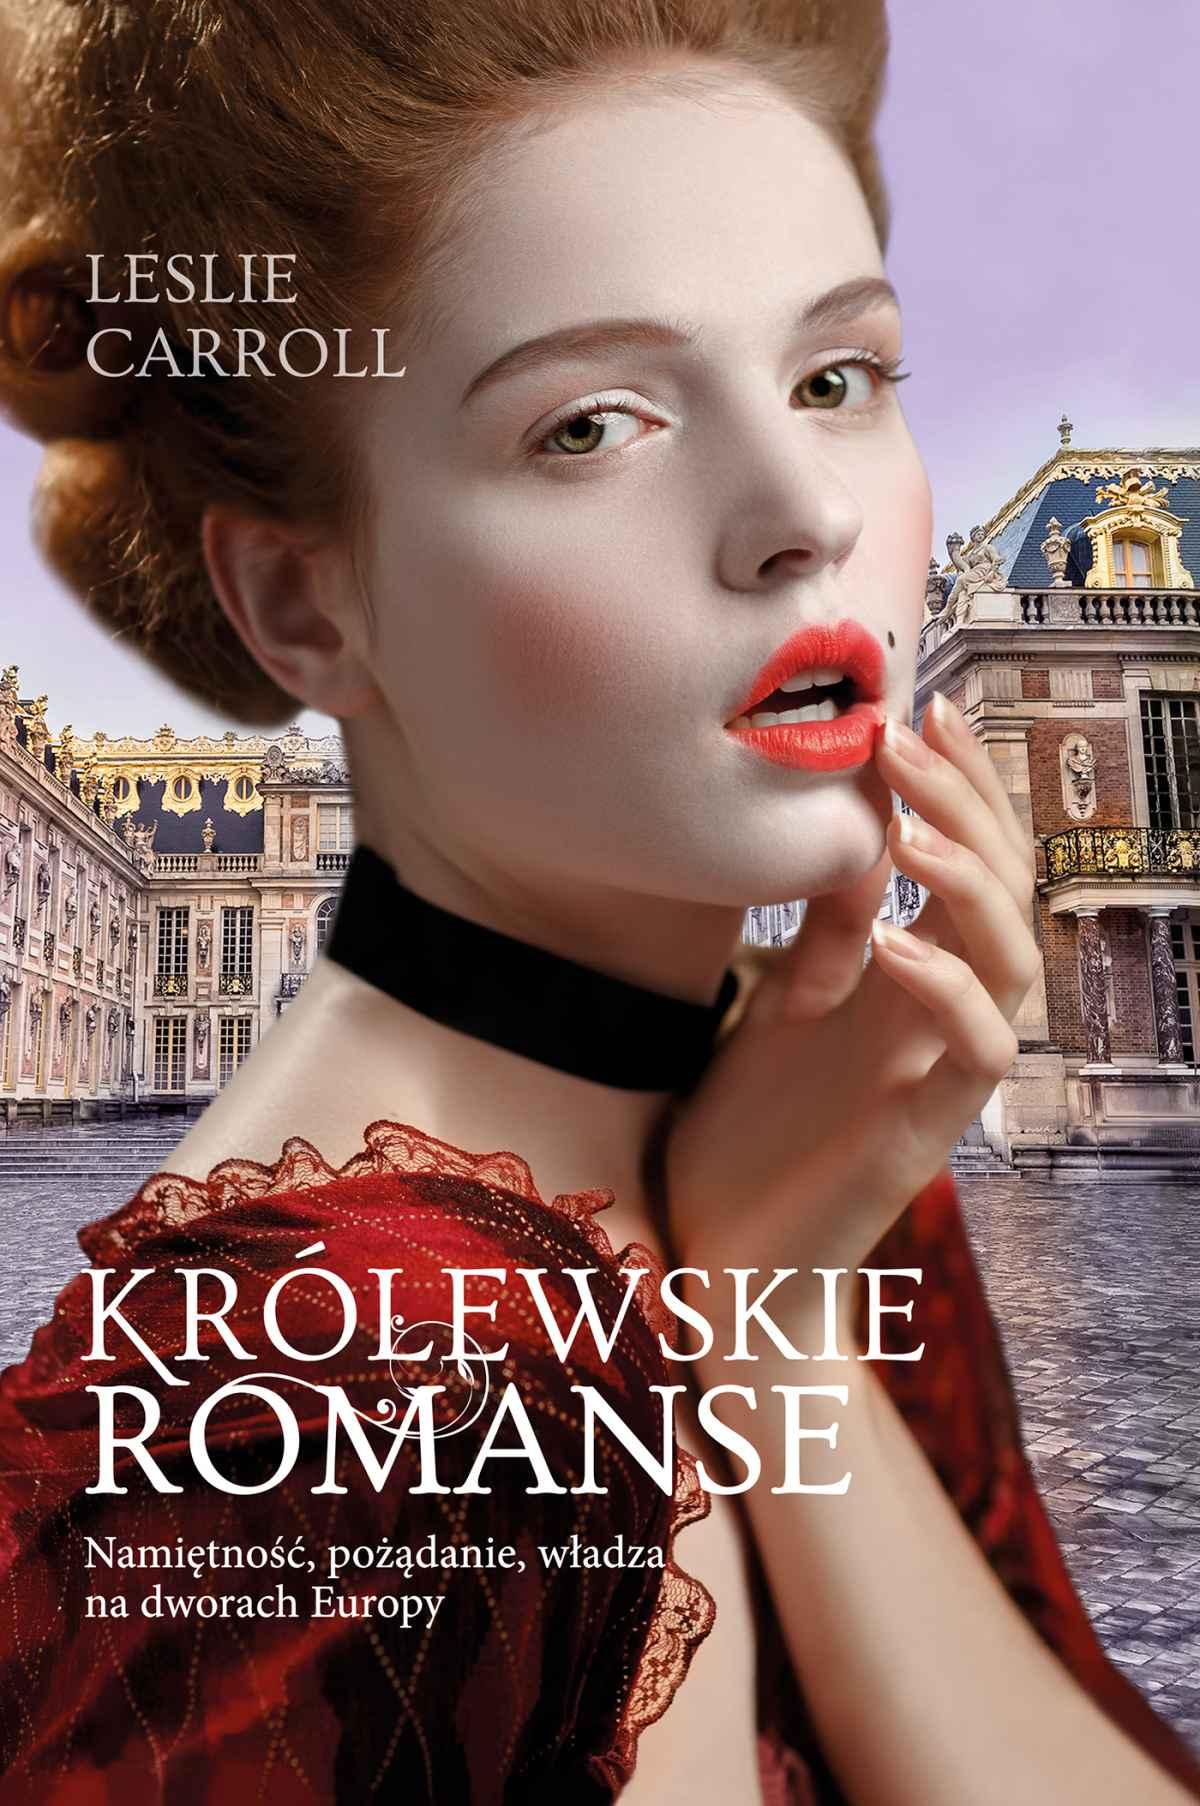 Królewskie romanse - Ebook (Książka EPUB) do pobrania w formacie EPUB